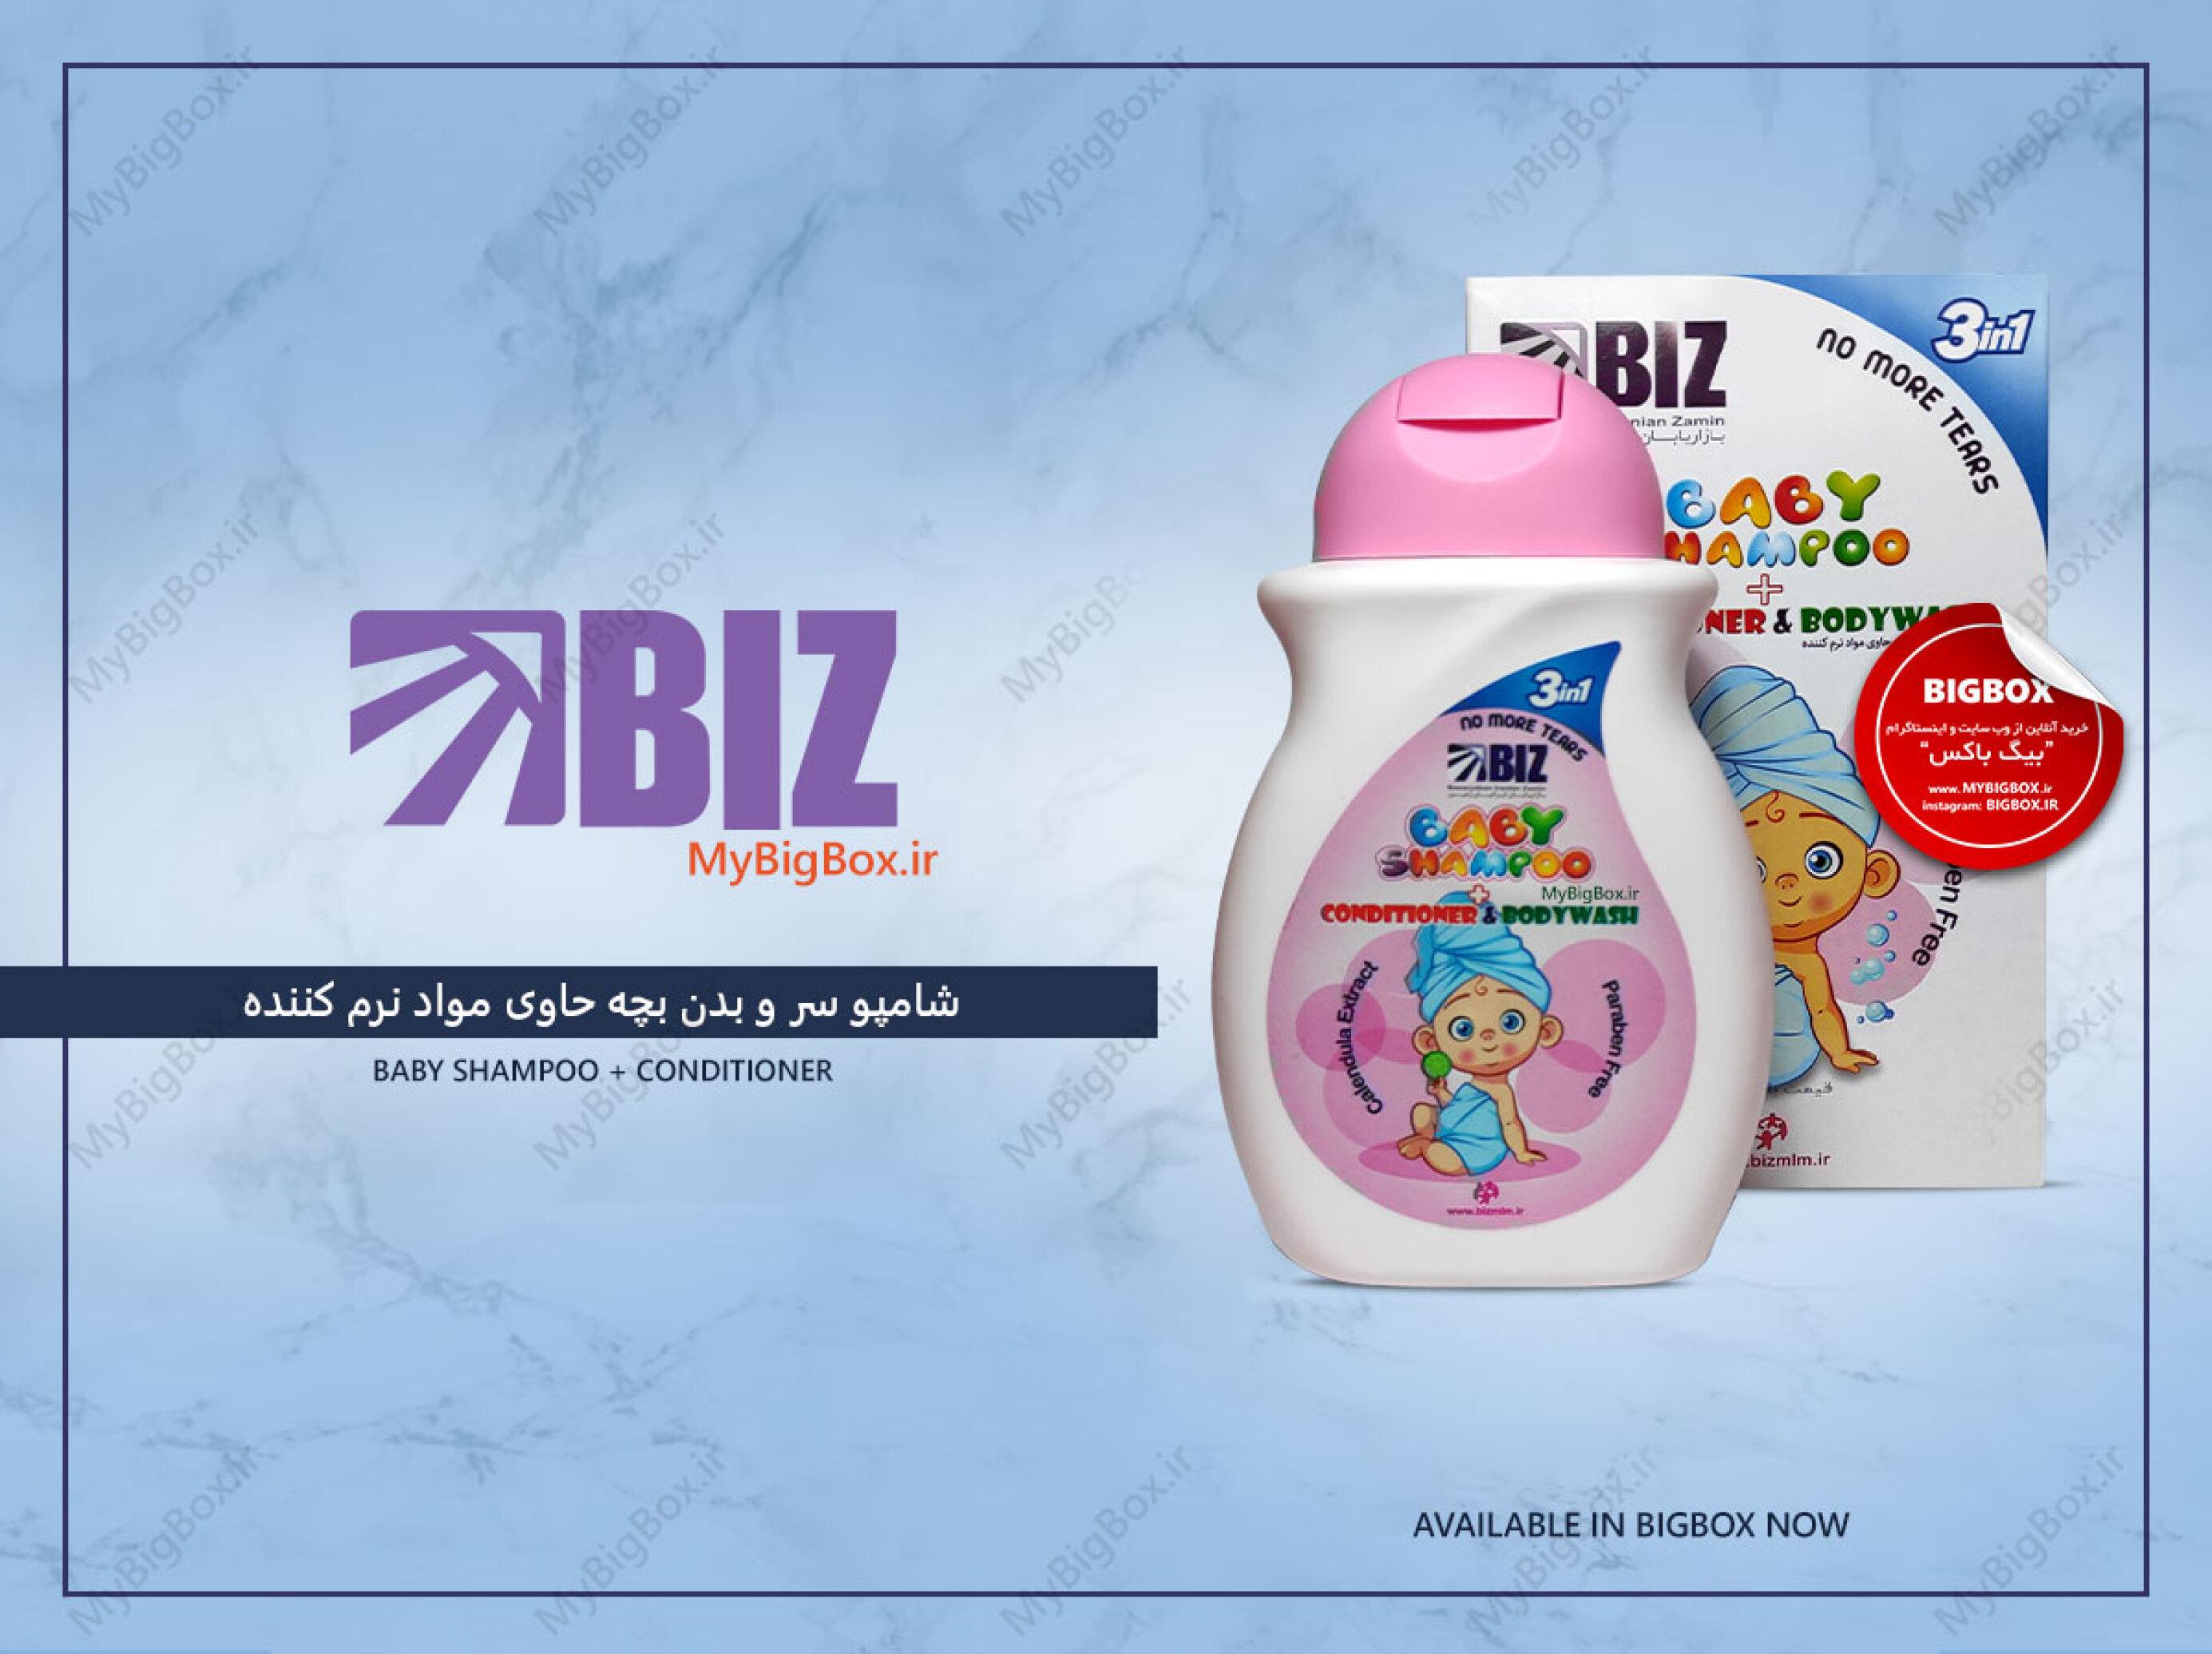 شامپو سر و بدن بیز مدل بچه حجم 250 میلی لیتر Biz Baby shampoo